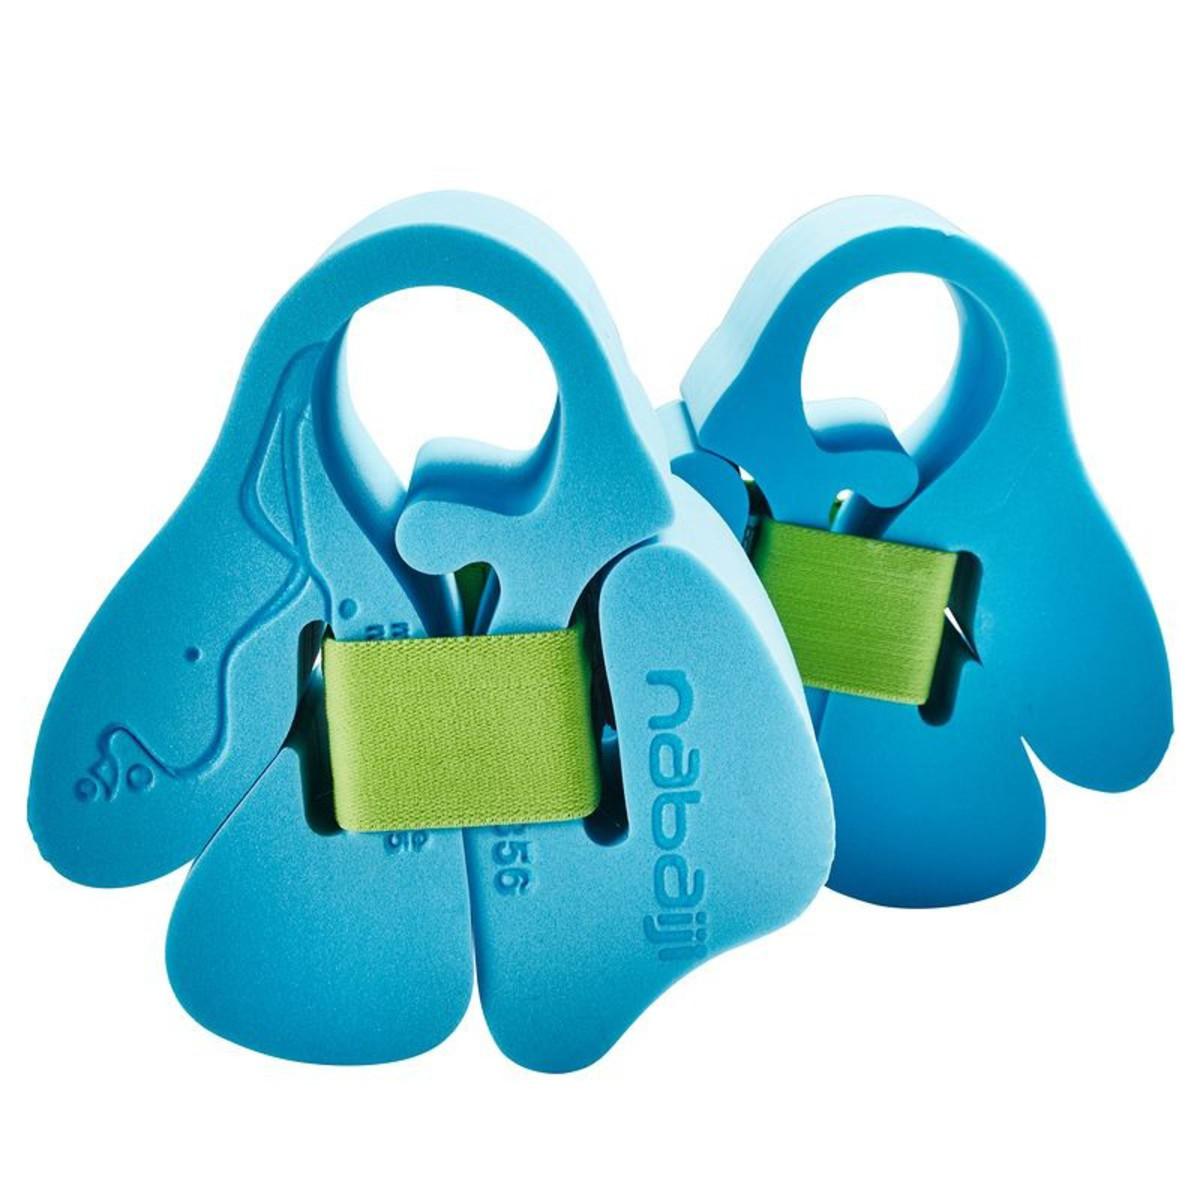 Bild 2 von Schaumstoff-Schwimmflügel mit Elastikriemen Kinder 15-30 kg blau